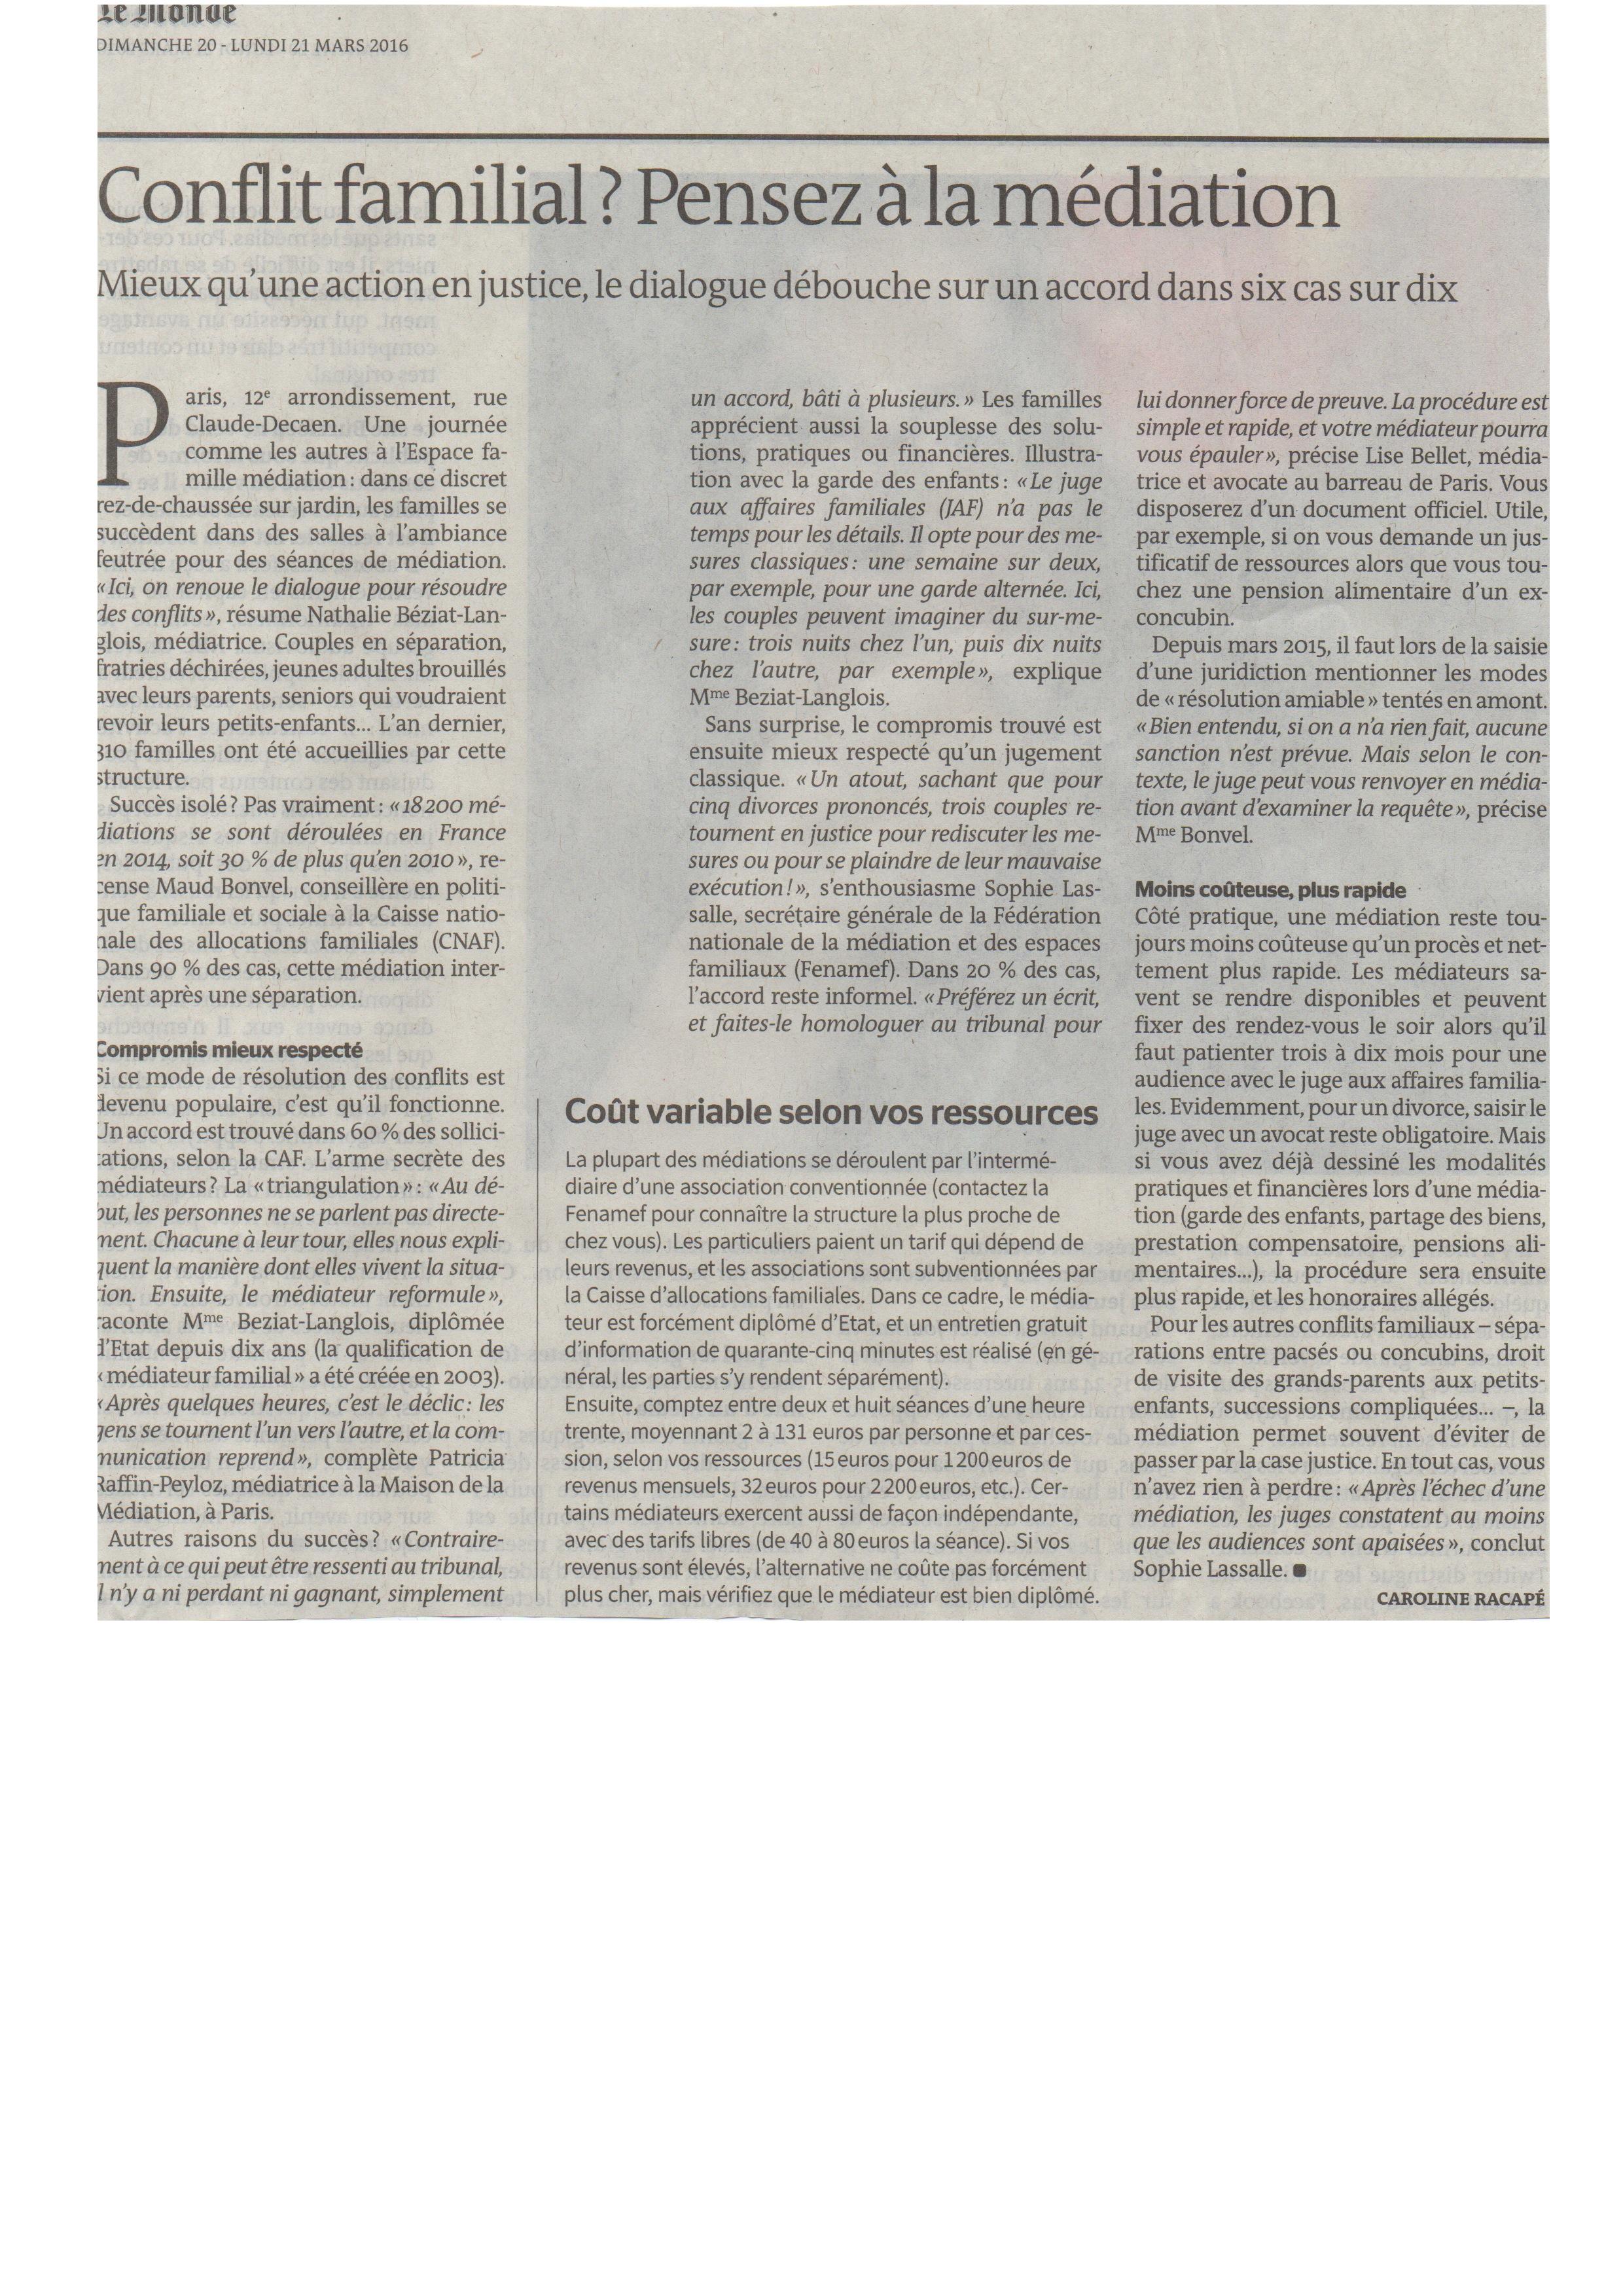 Le Monde21mars2015